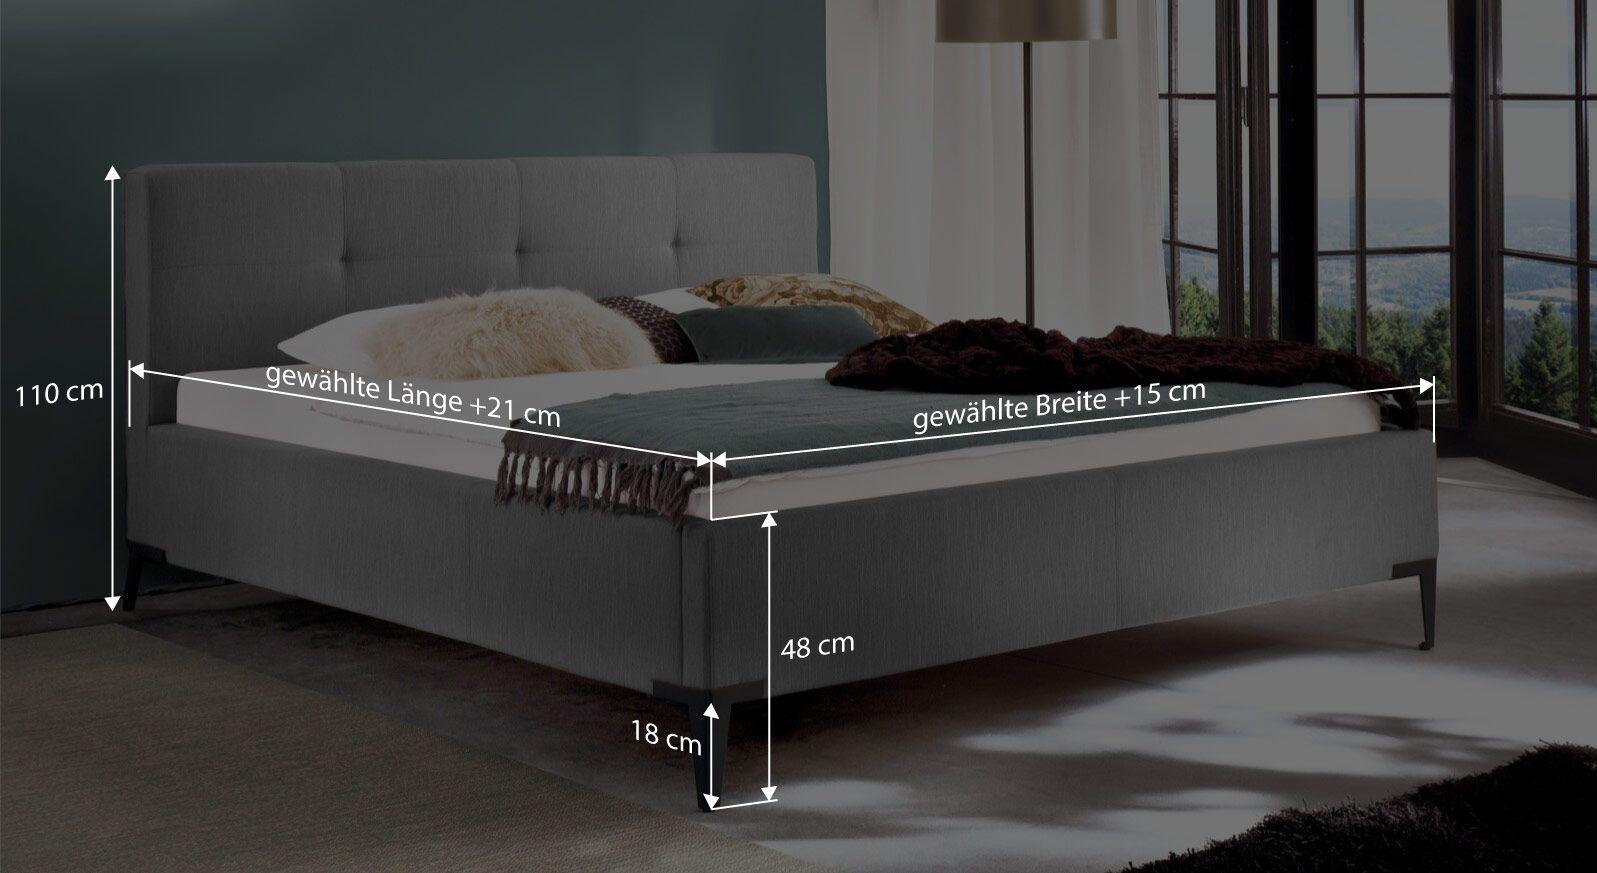 Bemaßungsgrafik zum Bett Raritan